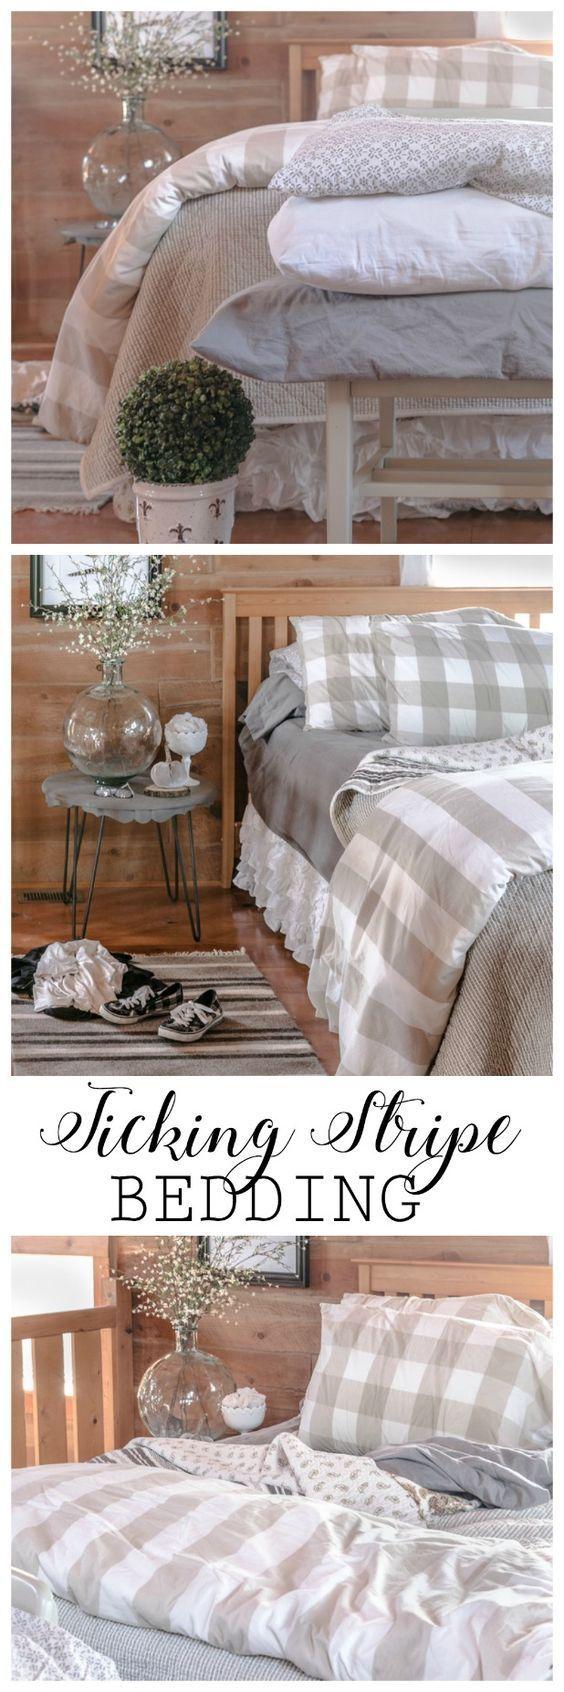 ticking stripe bedding farmhouse bedding ikea bedding popular ticking stripe bedding farmhouse bedding ikea bedding popular pin